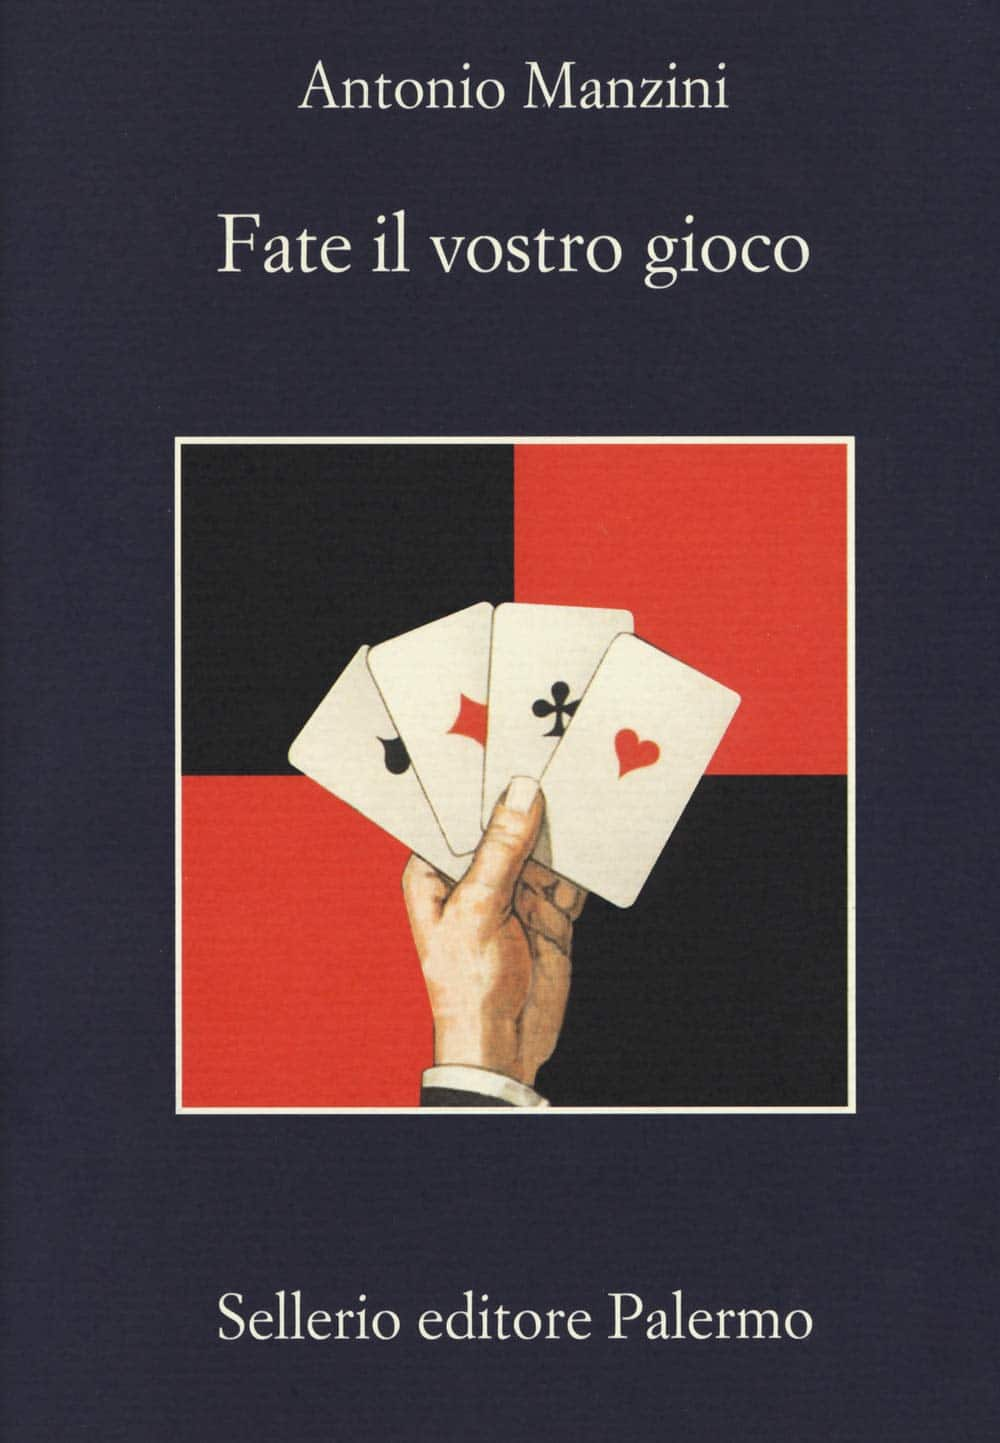 Recensione di Fate Il Vostro Gioco – Antonio Manzini